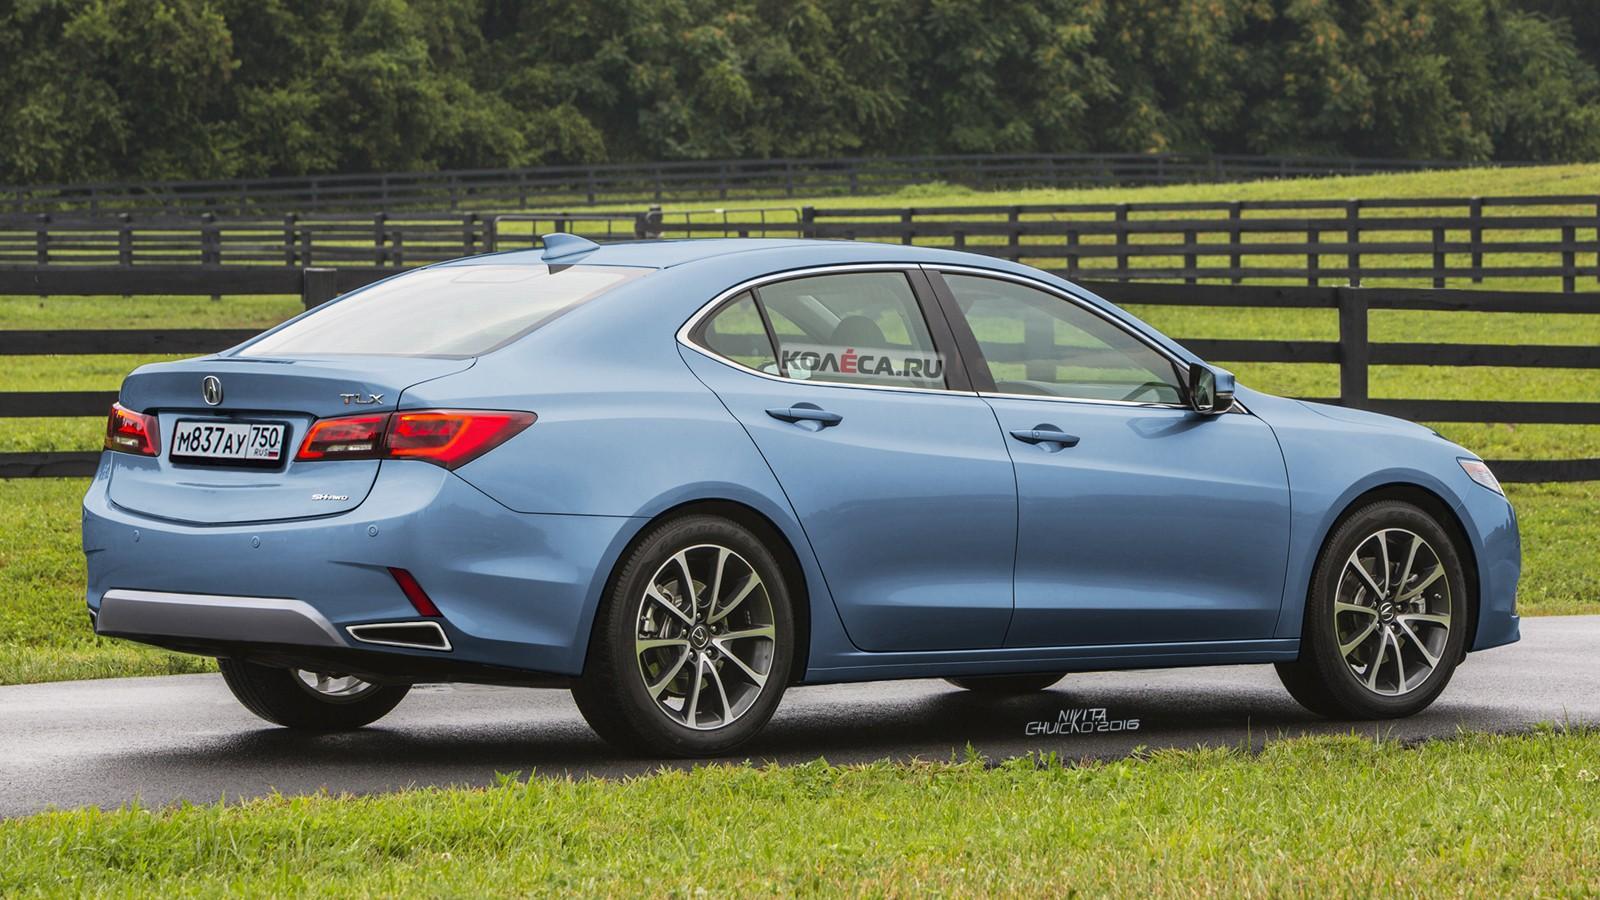 Acura TLX rear